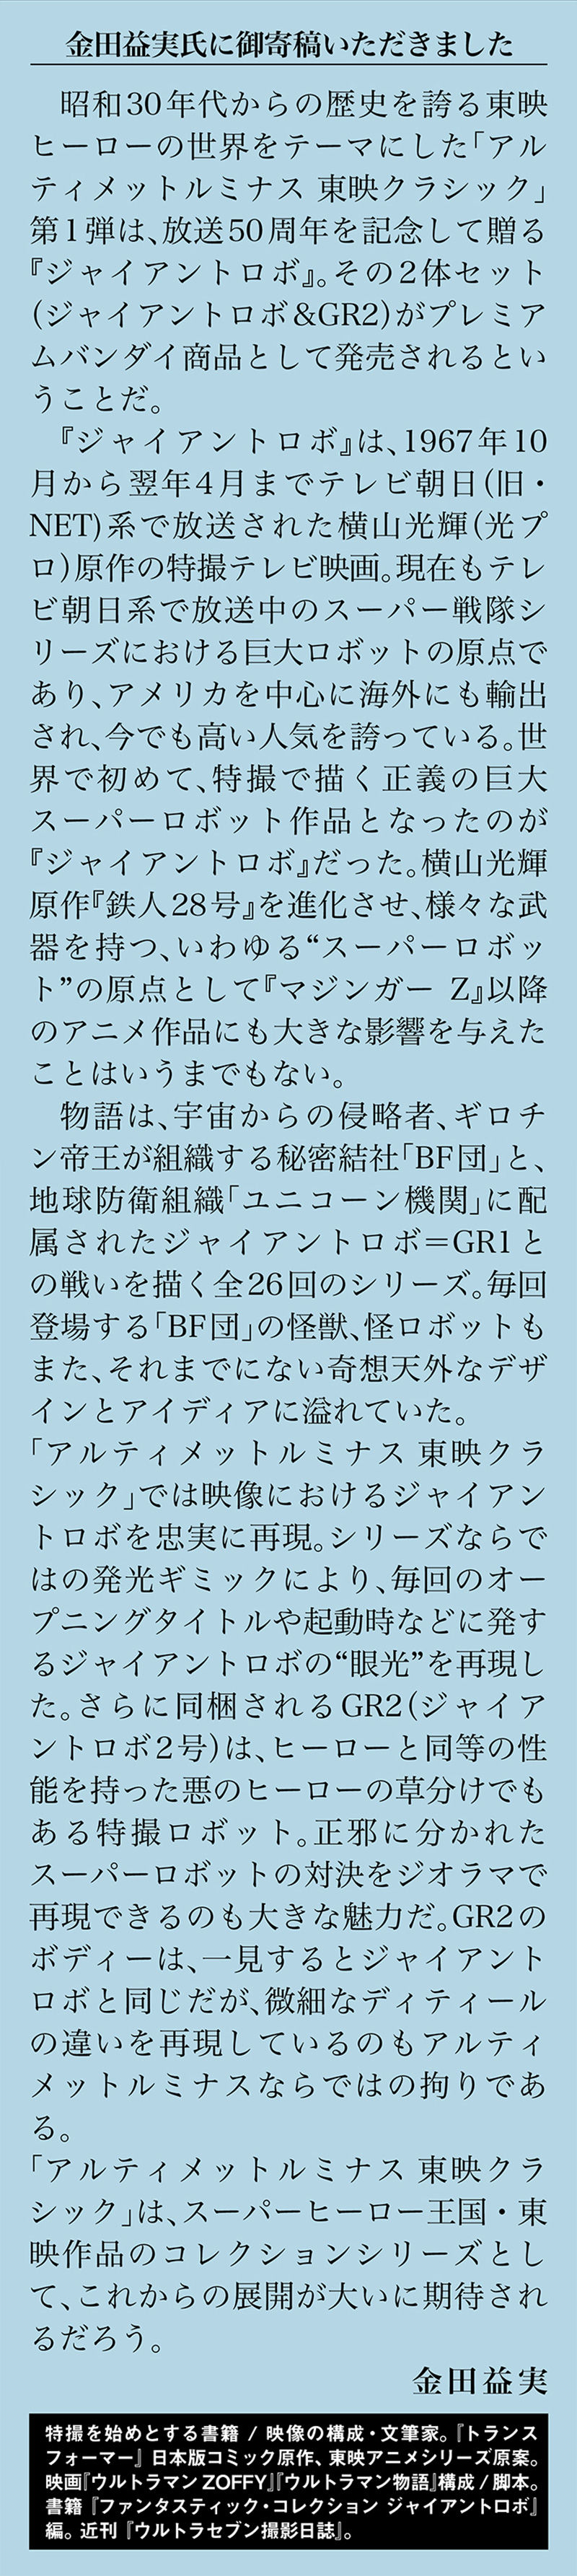 特撮ライターの金田益実氏に御寄稿いただきました